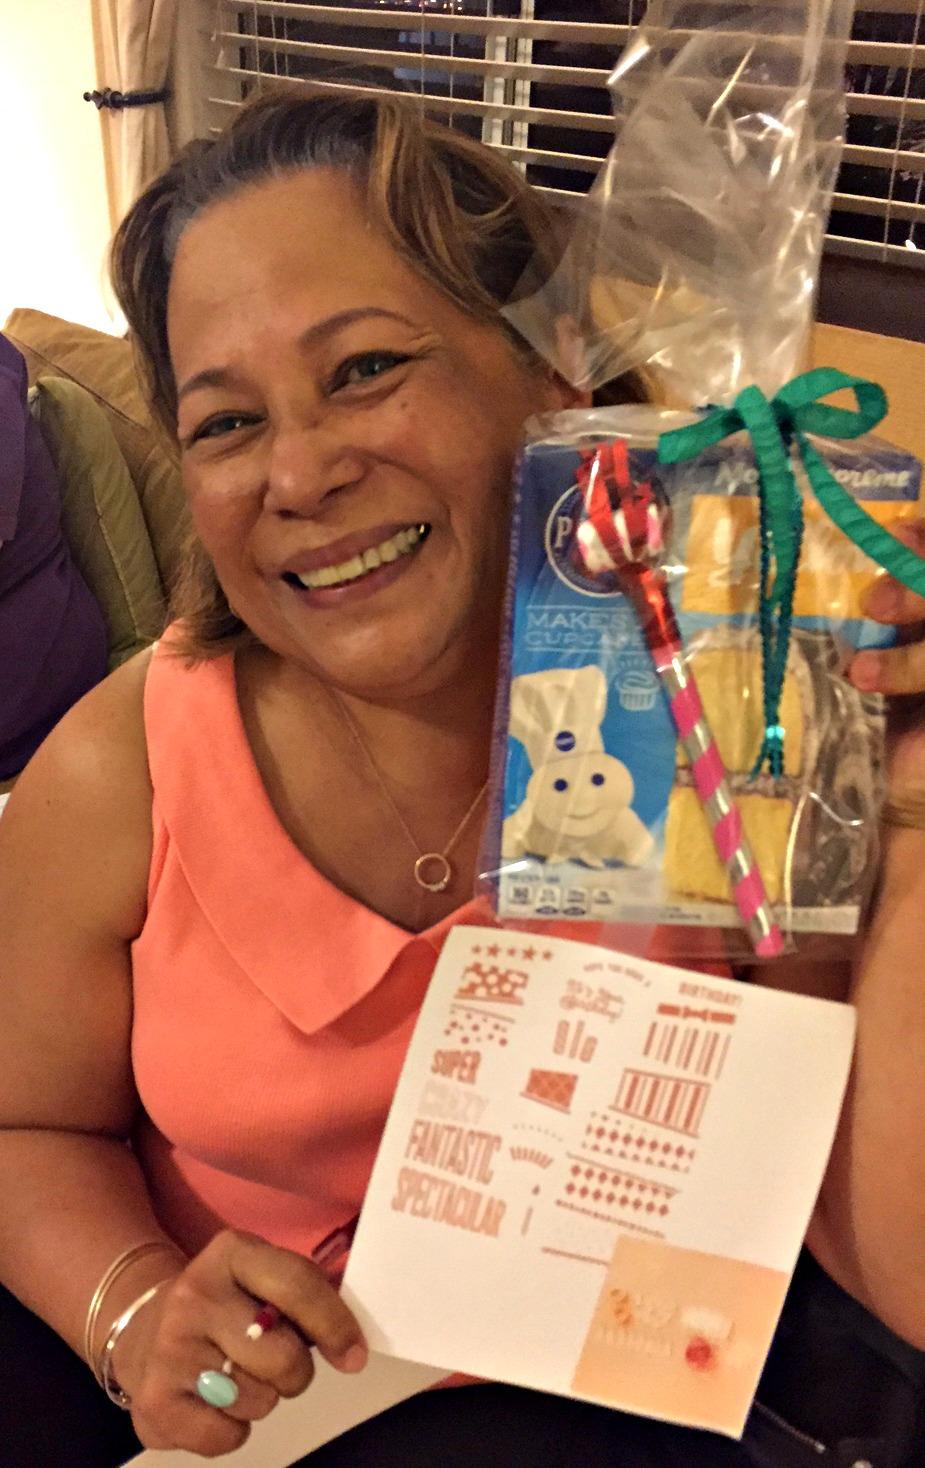 Roxanne wins a prize - www.stampedwithaloha.com